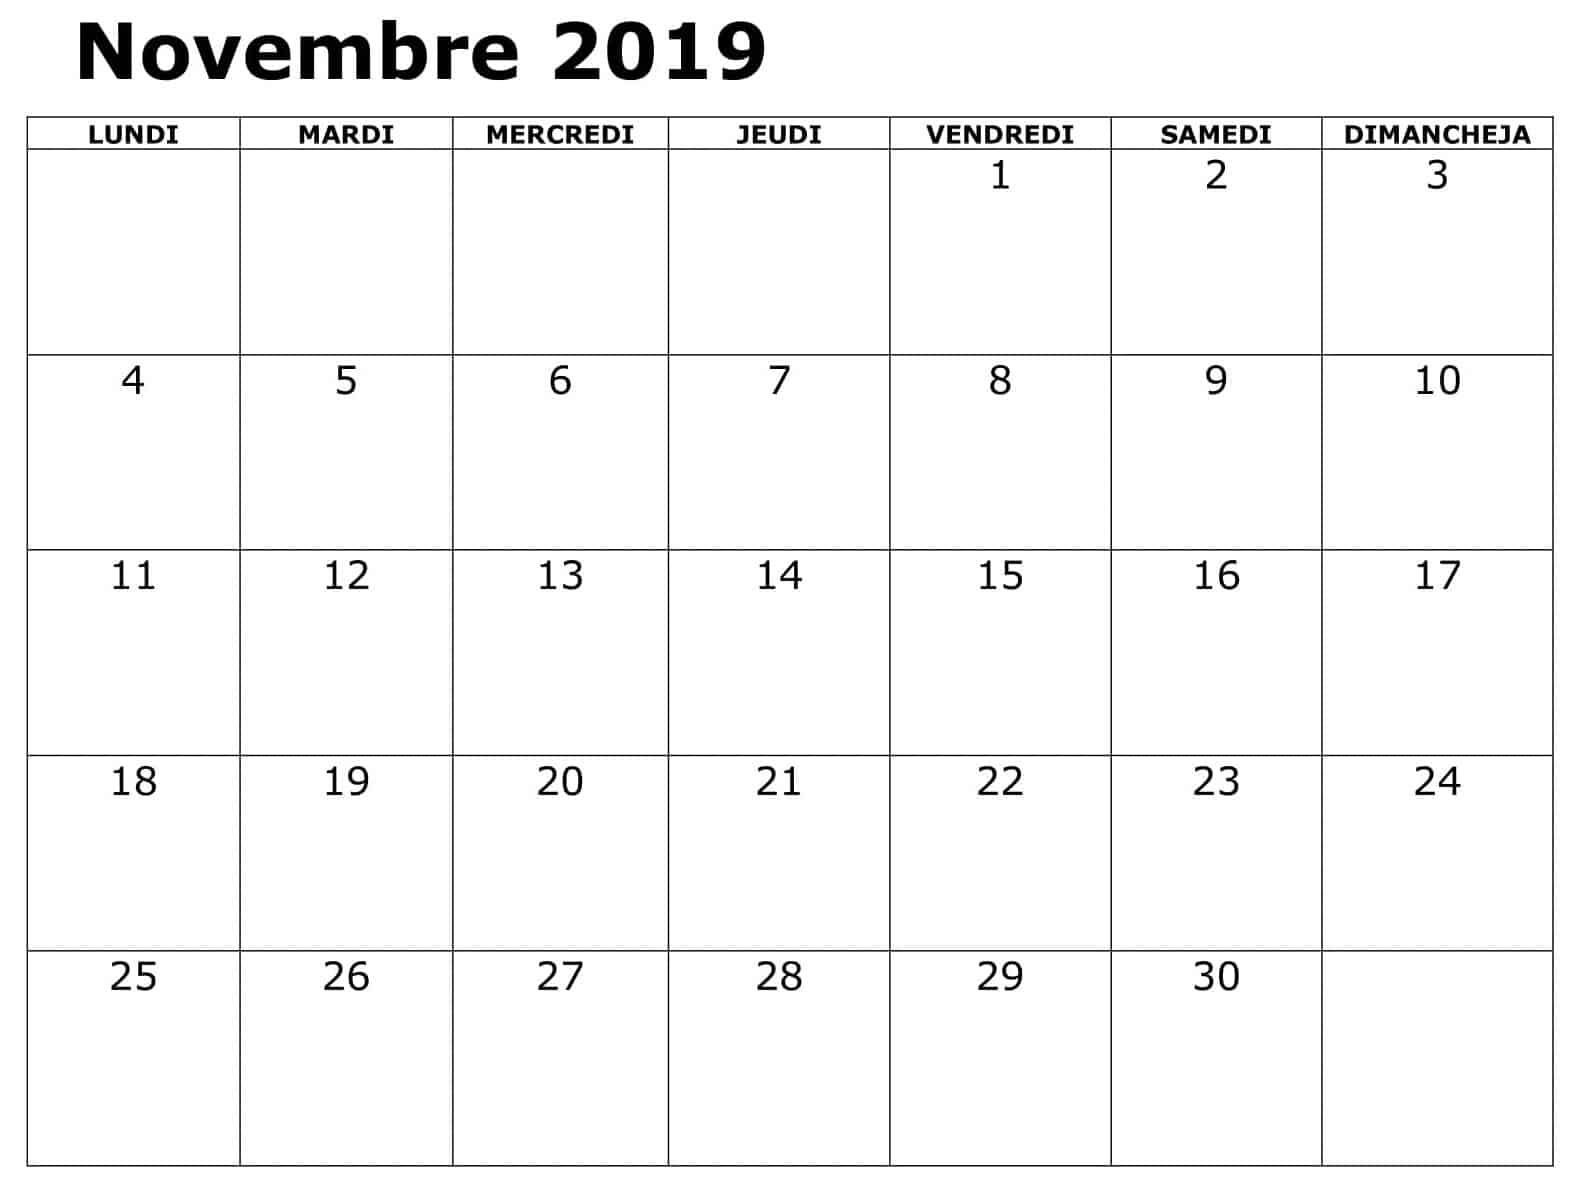 Calendrier Novembre 2019 PDF